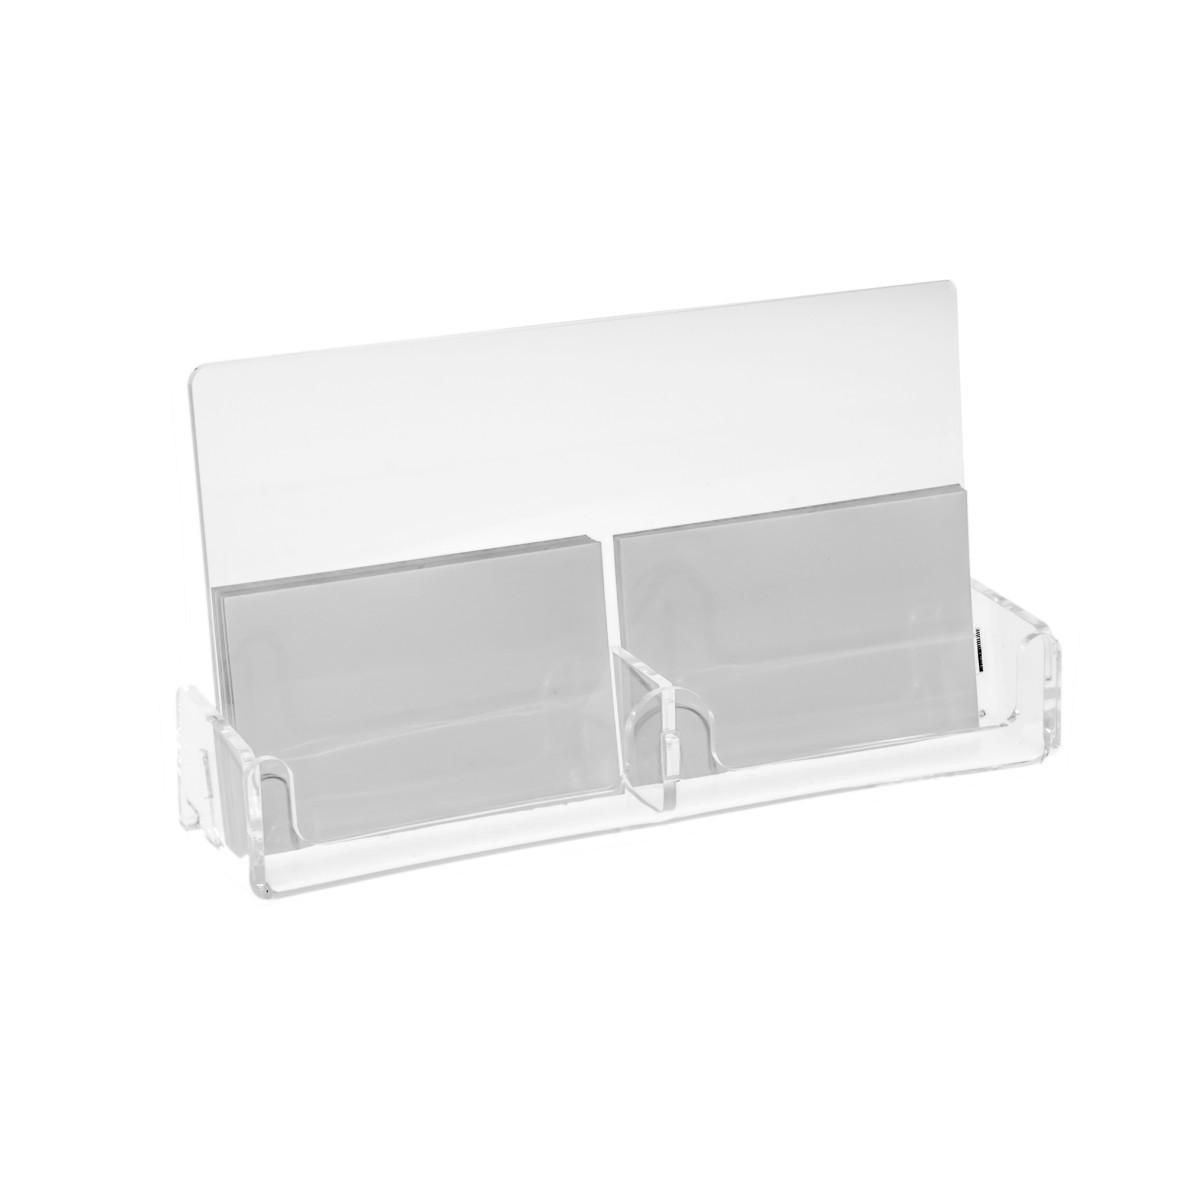 E-131 PVD - Porta biglietti da visita in plexiglass trasparente a 2 scomparti